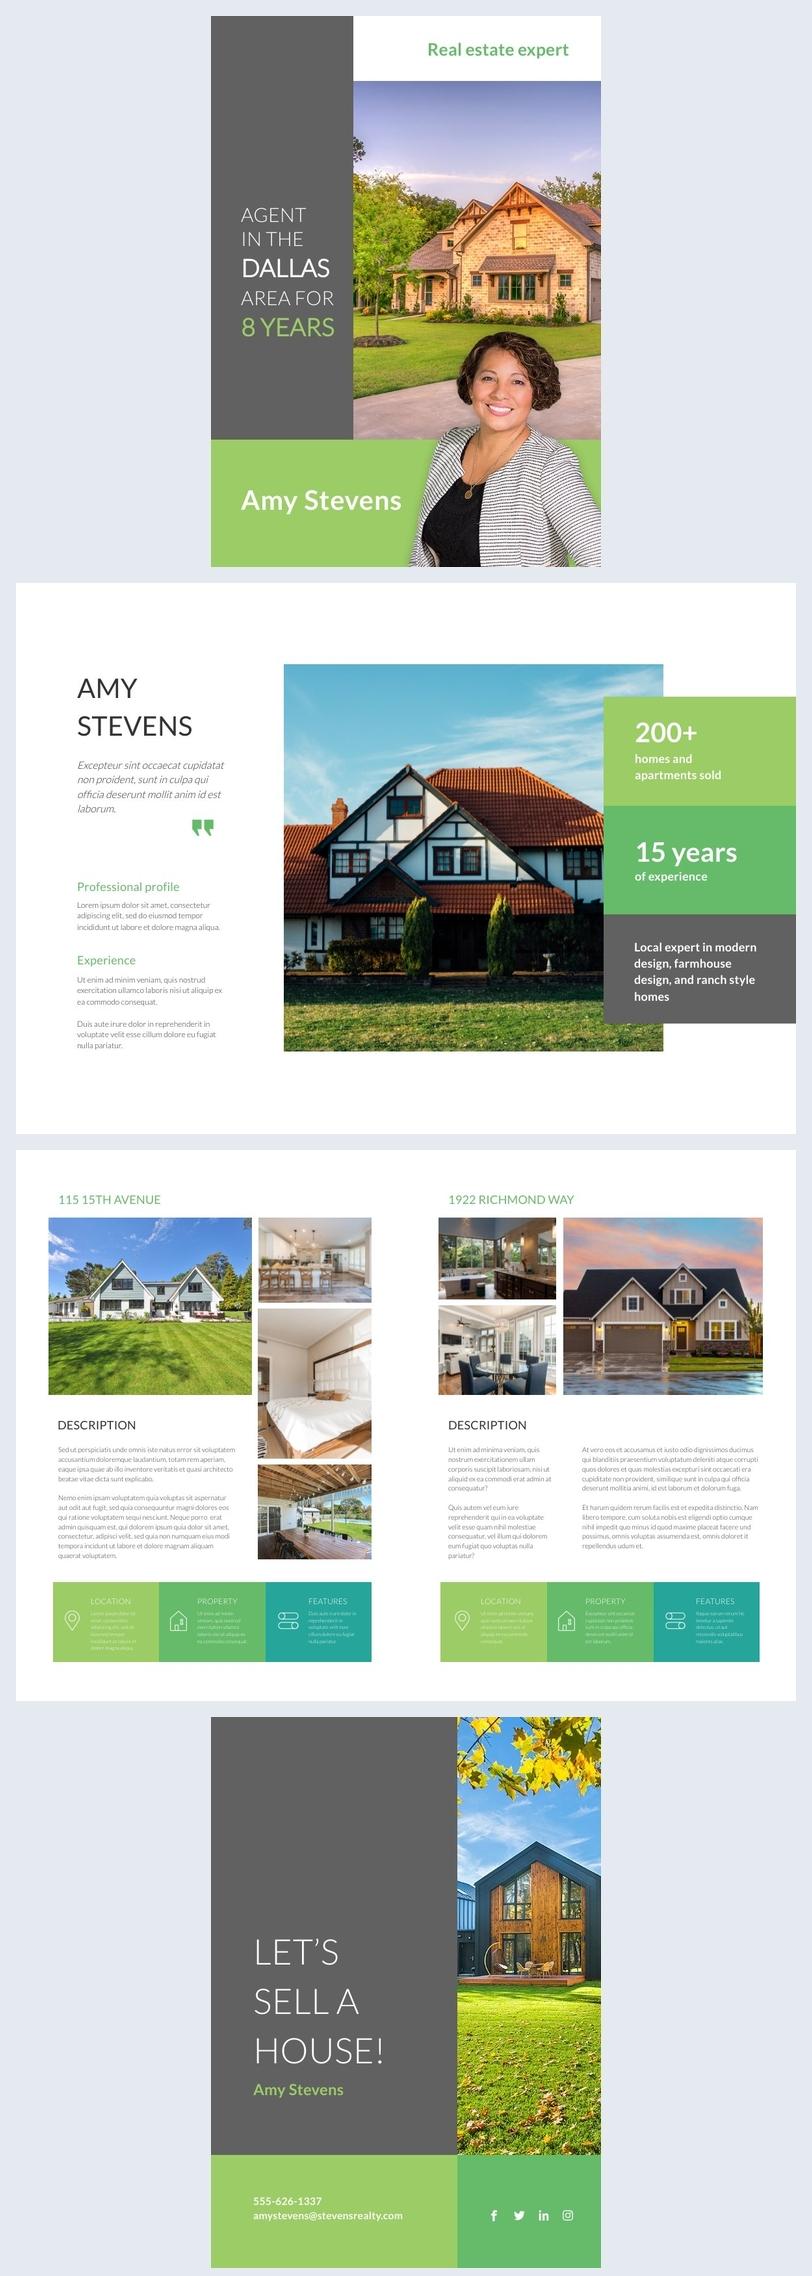 Design-Beispiel einer Immobilienmakler-Broschüre